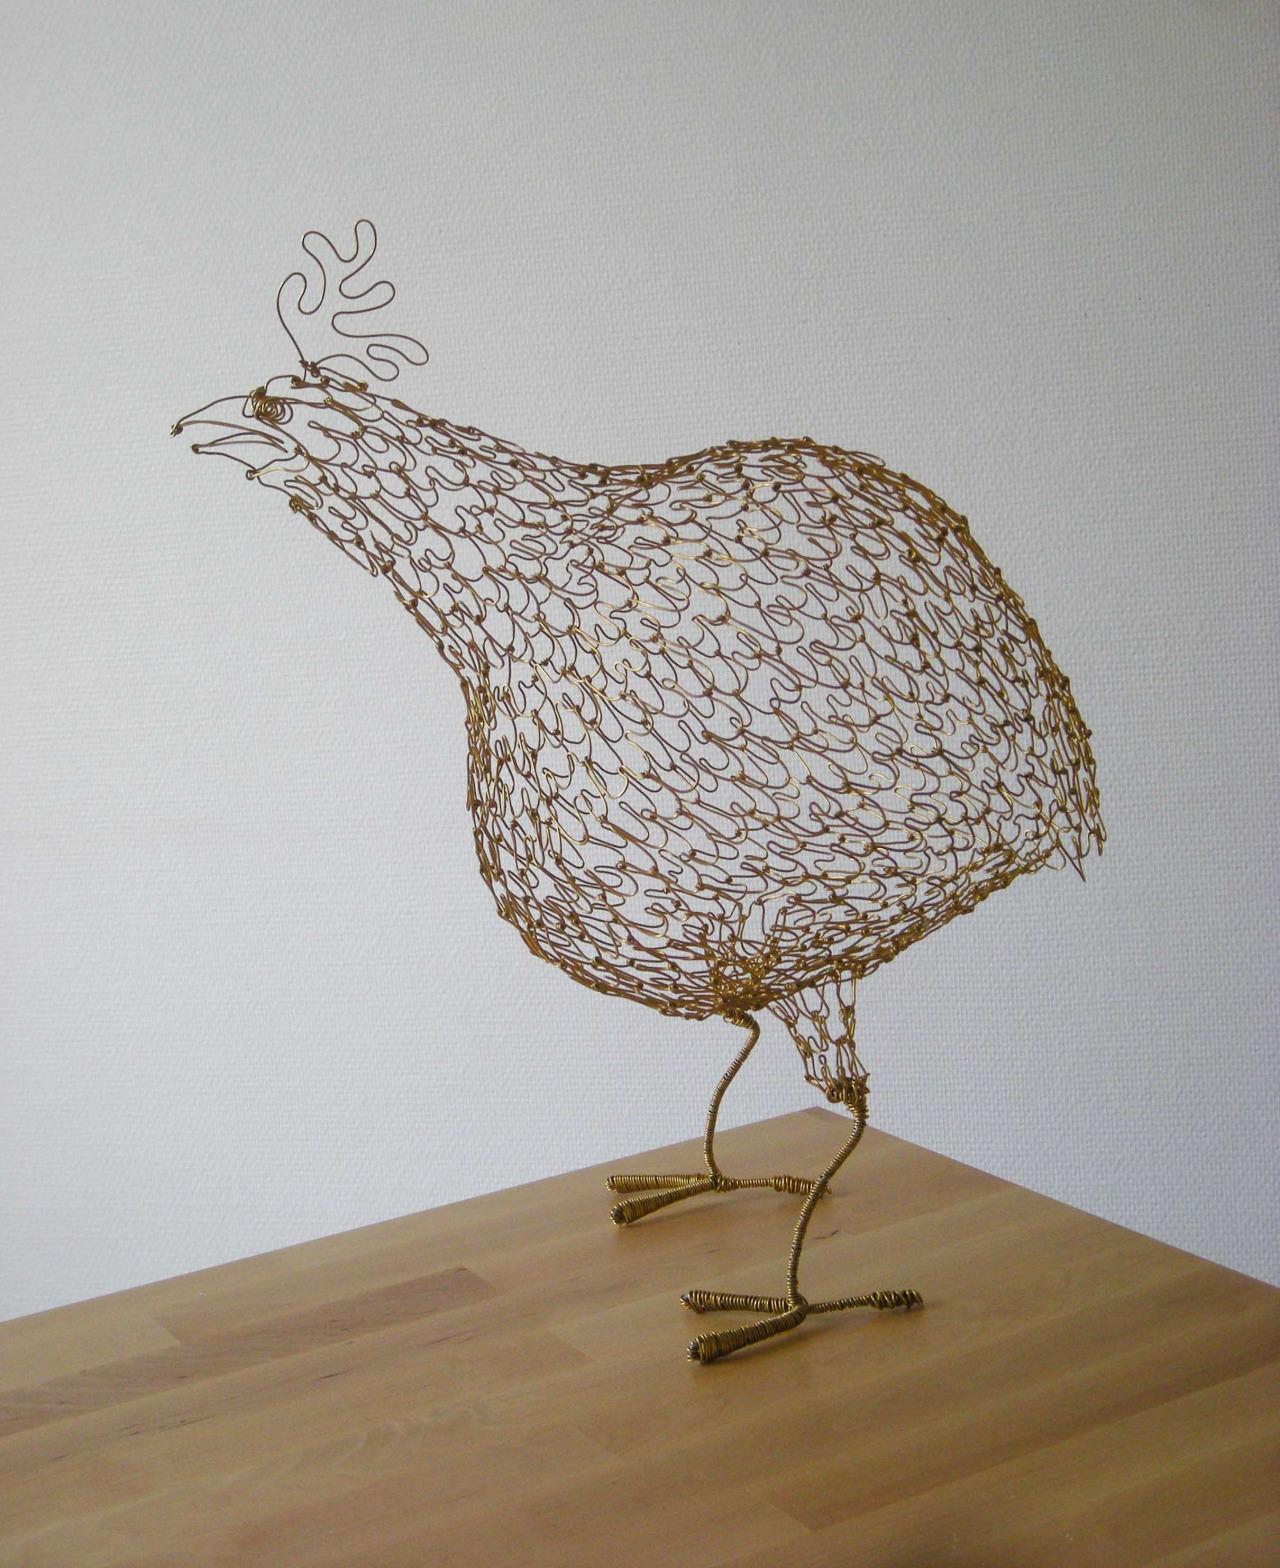 [工艺设计]金属铁丝雕塑创作